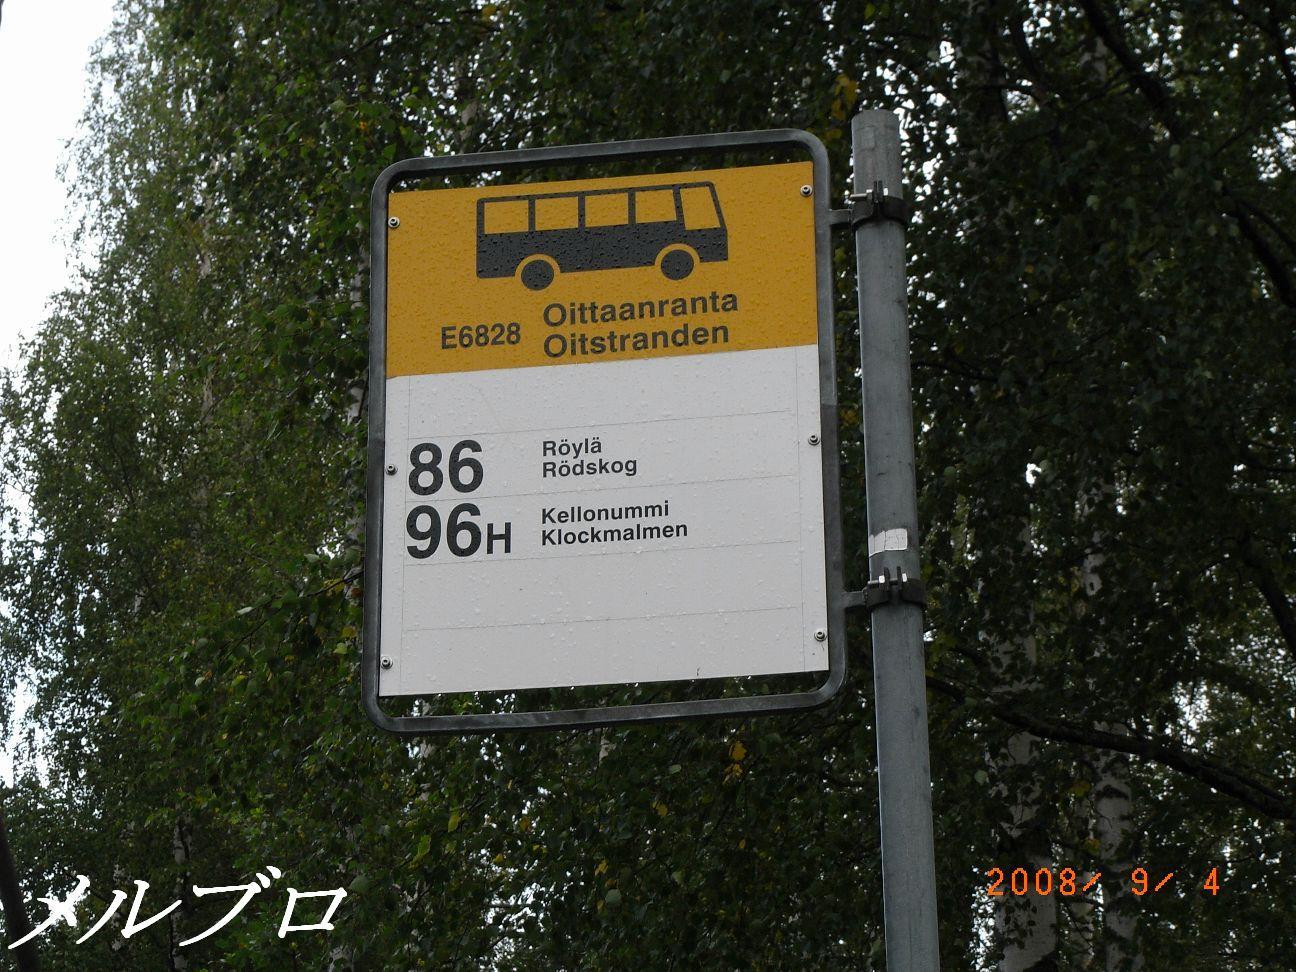 ボドム湖のバス停留所